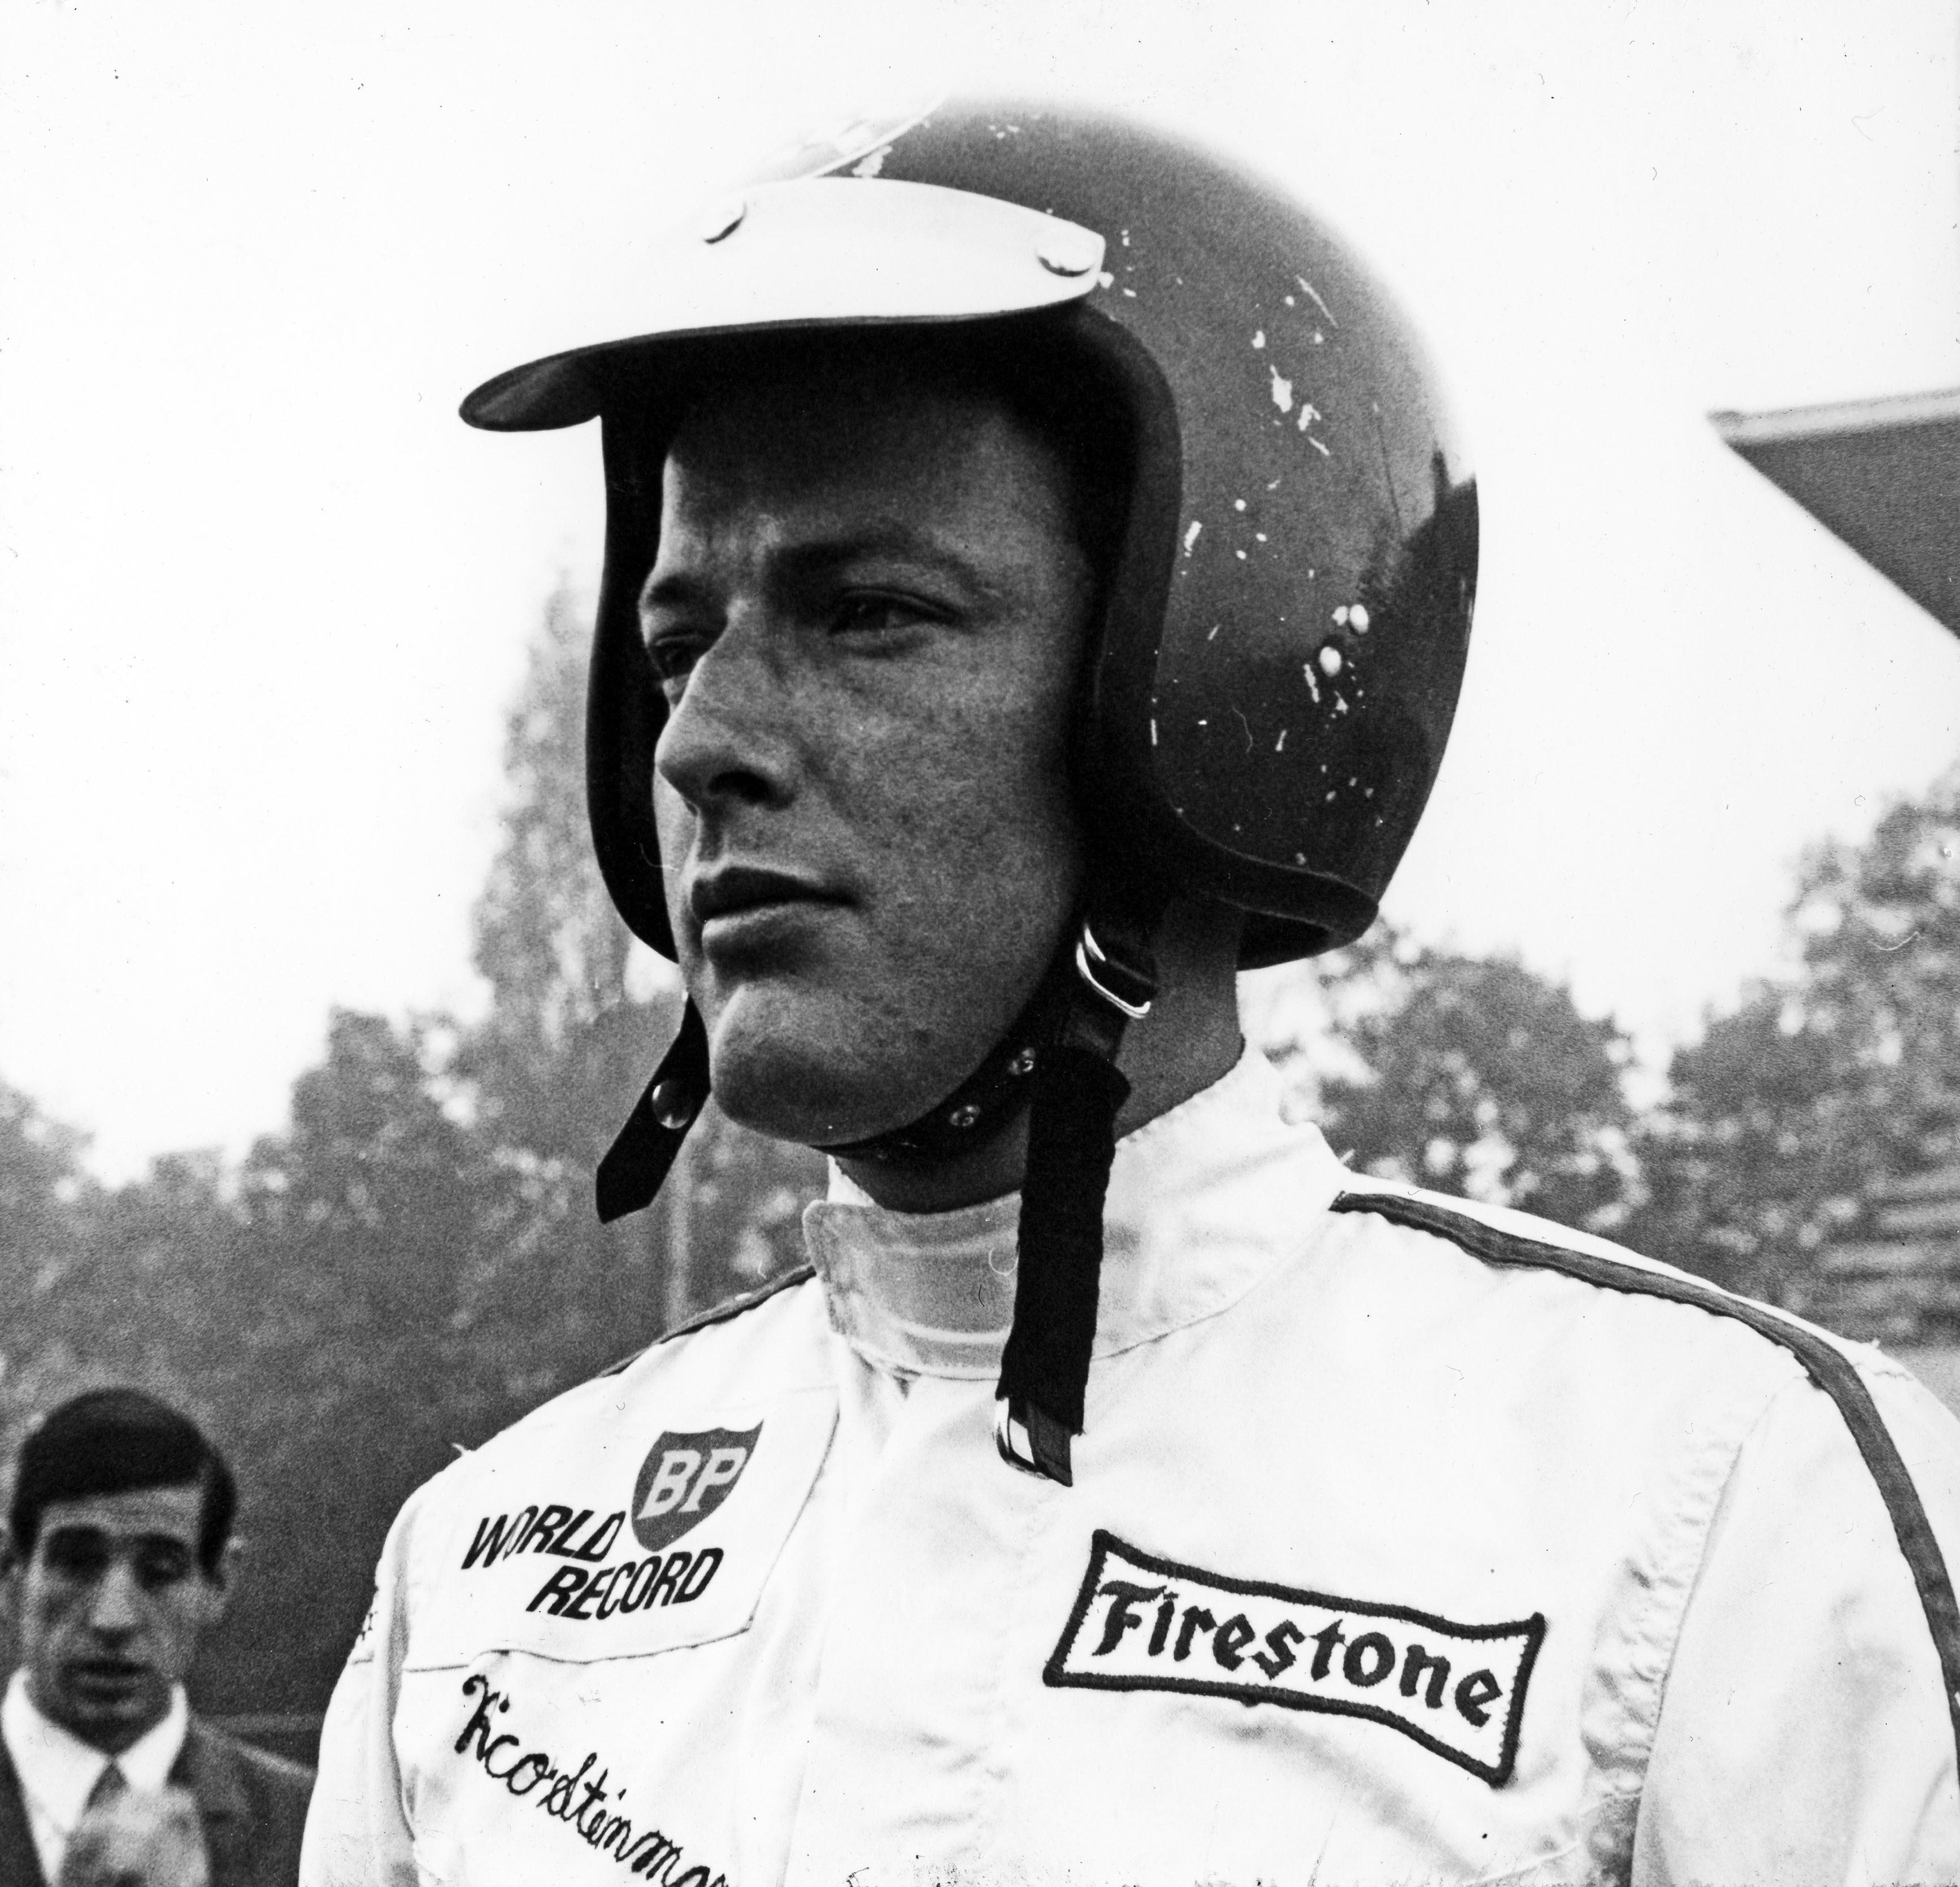 In der Zeit vom 27.10.1967 bis zum 02.11.1967 plante die BP Schweiz mit einem Porsche die bestehenden Langstrecken- und Höchstgeschwindigkeitsrekorde im Automobilbereich zu überbieten und damit zu beweisen, dass ihre Produkte zu den besten auf dem Markt gehörten. Für Porsche bestand ebenfalls die Möglichkeit ihre Präzision, Langlebig- und Zuverlässigkeit im Automobilbau unter Beweis zu stellen. Als passende Rennstrecke wurde das Steilwand-Oval in Monza ausgesucht. Die Rekordfahrt über insgesamt 96 Stunden sollte mit einem 906 Coupé erfolgen. Leider mussten auf Grund schlechter Streckenverhältnisse der 906 gegen einen 911 R 2,0 Coupé getauscht werden. Die Rekordfahrt ging über vier Tage und Nächte am Stück. In dieser Zeit wechselten sich die vier Fahrer (Jo Siffert, Dieter Spoerry, Charles Vögele und Rico Steinemann) durchgehend ab und wurden am Ende damit belohnt, dass alle bestehenden Langstrecken- und Höchstgeschwindigkeitsrekorde übertroffen wurden. Aufzeichnungen aus dem Protokollbuch